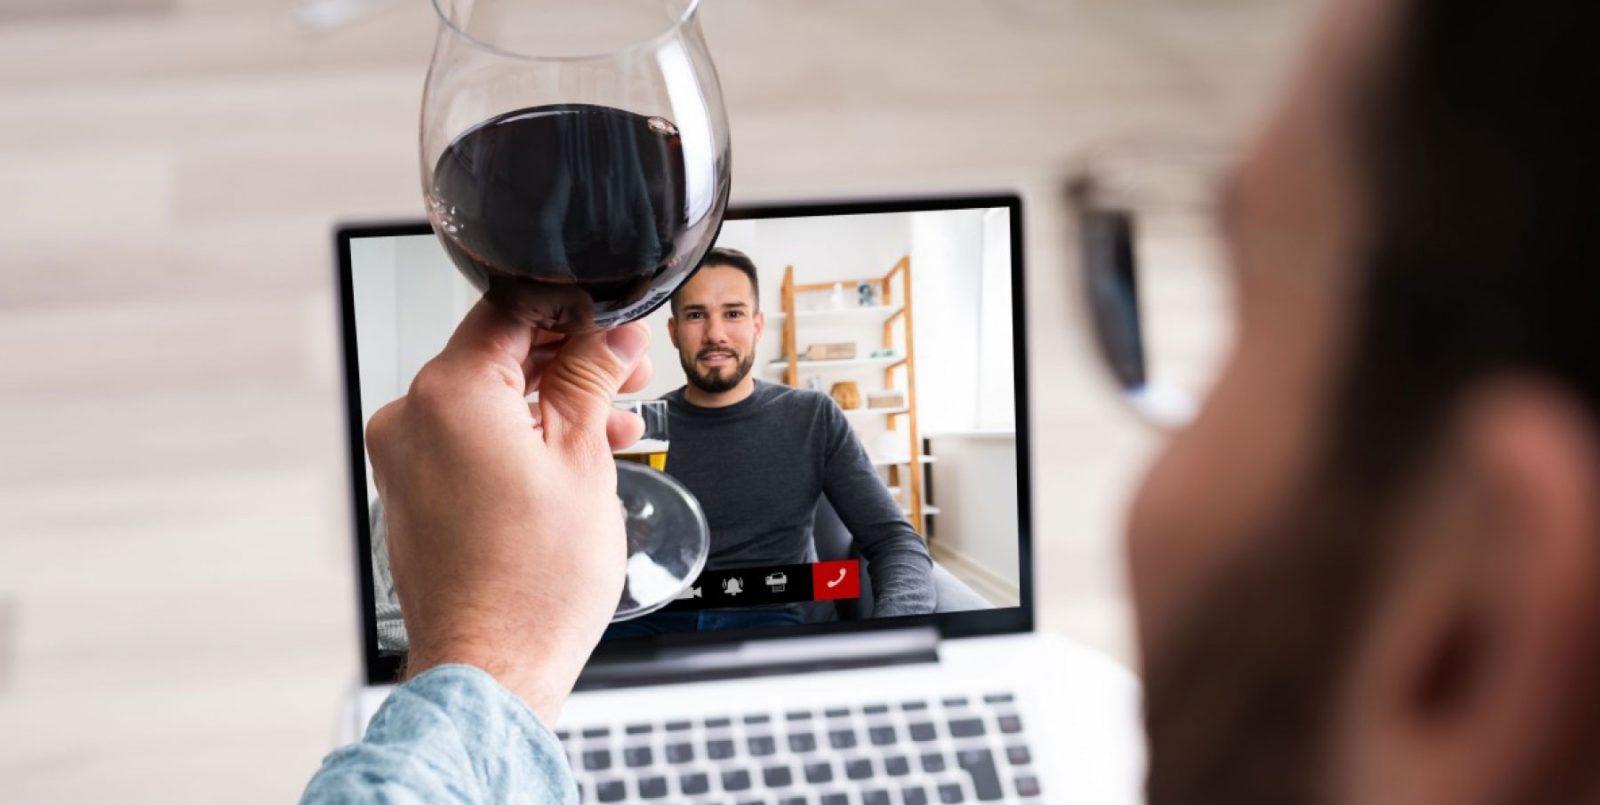 Come preparare una degustazione online: 5 errori da NON fare